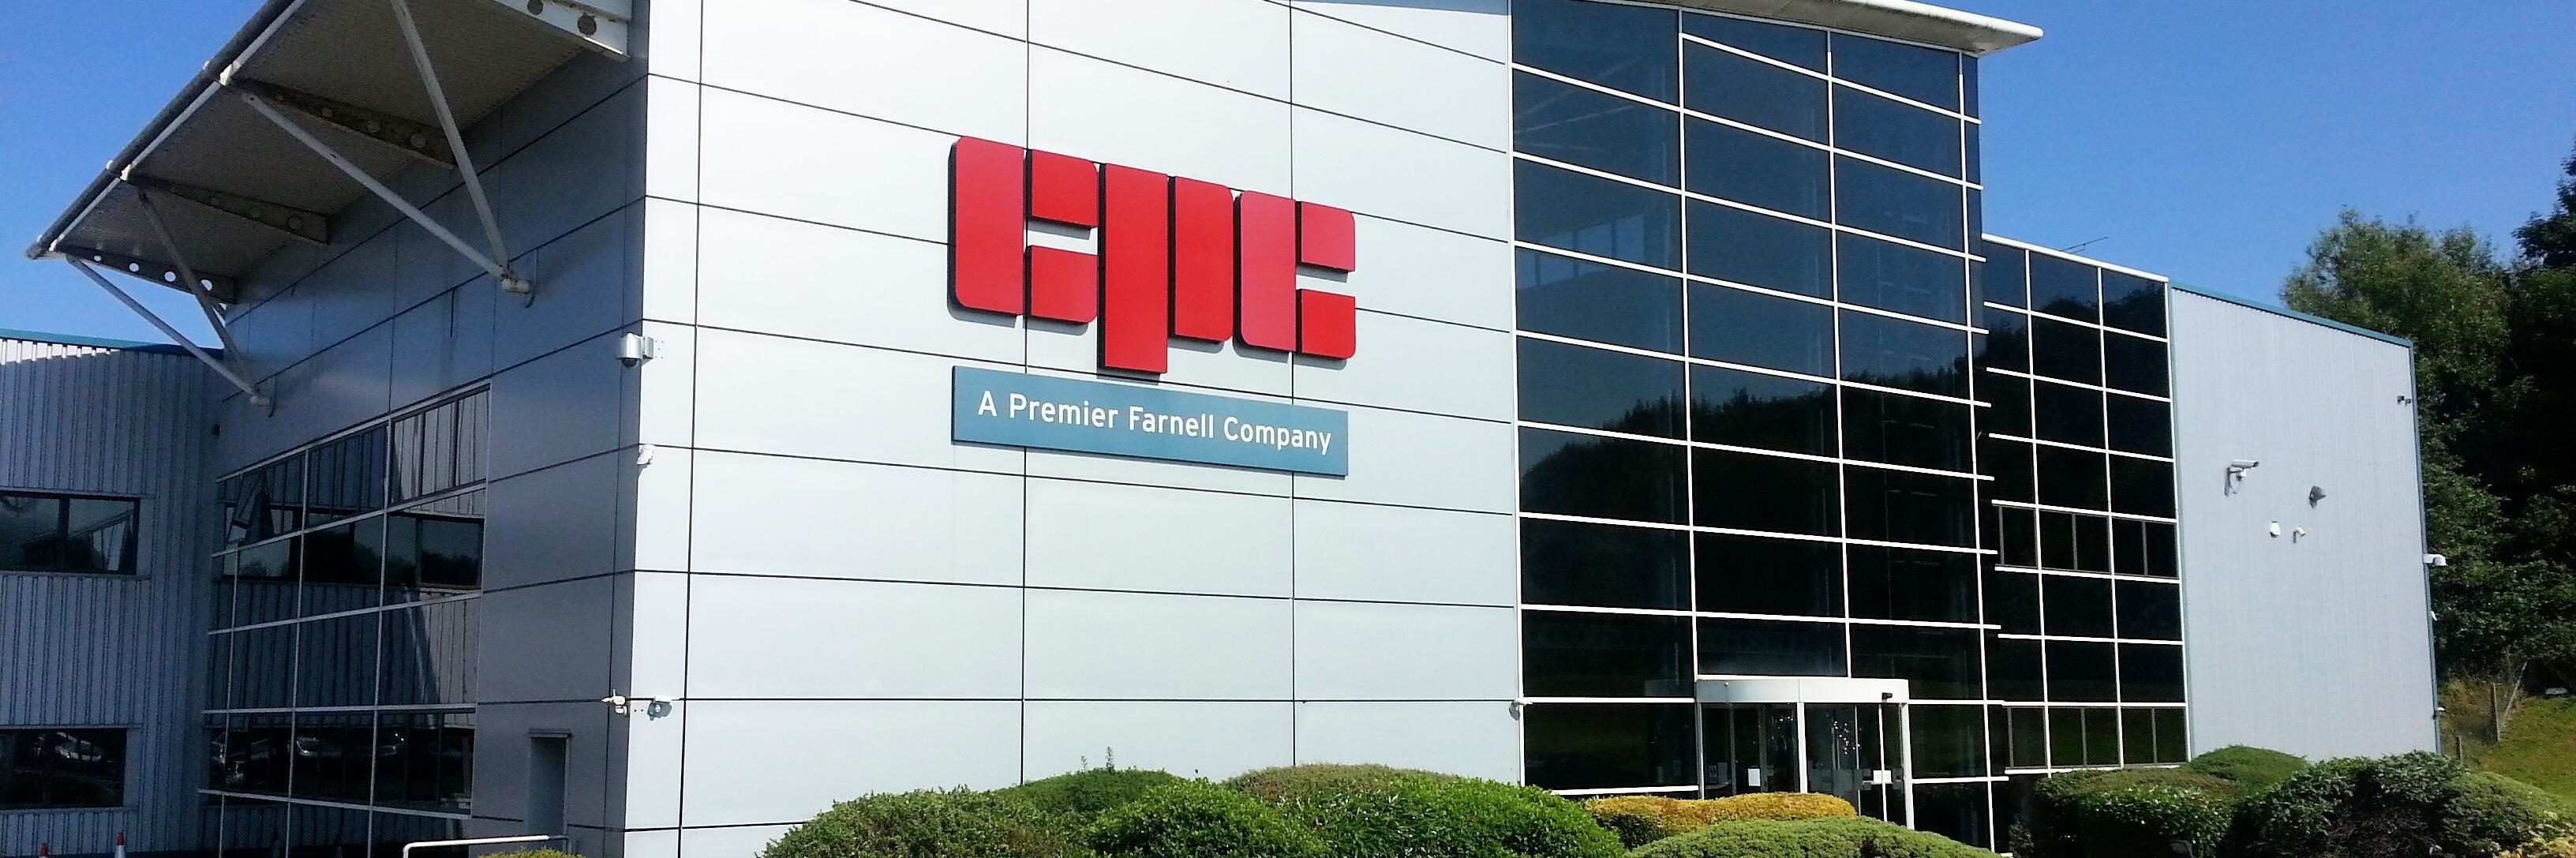 CPC Farnell Trade Counter